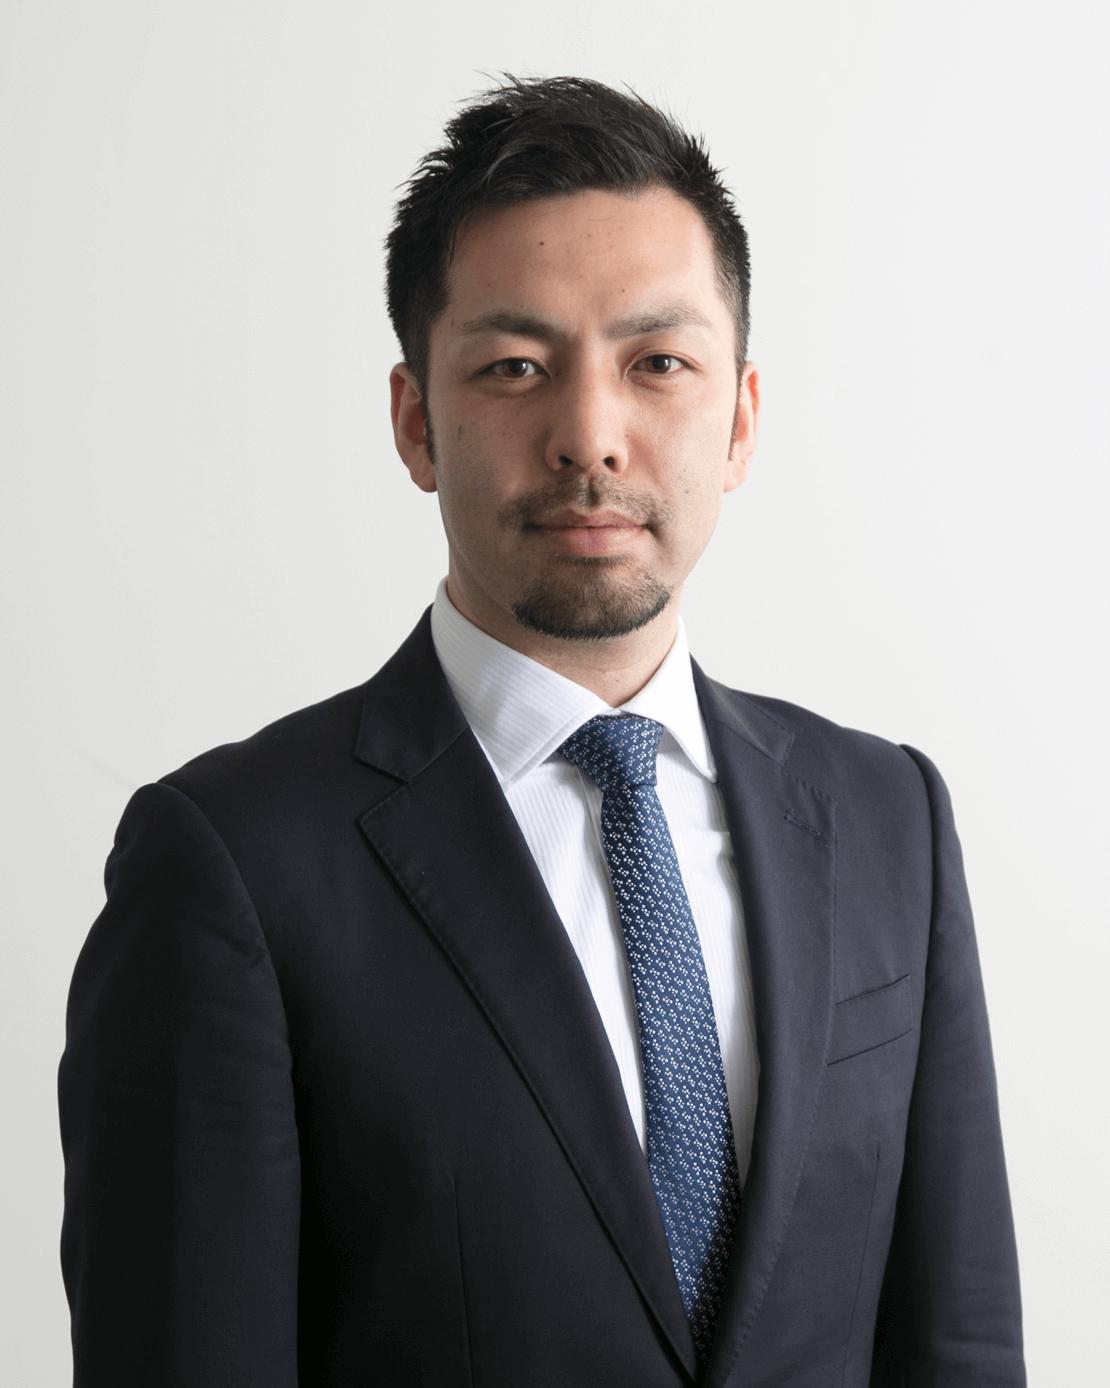 株式会社デファクトコミュニケーションズ 代表取締役社長 高橋大樹